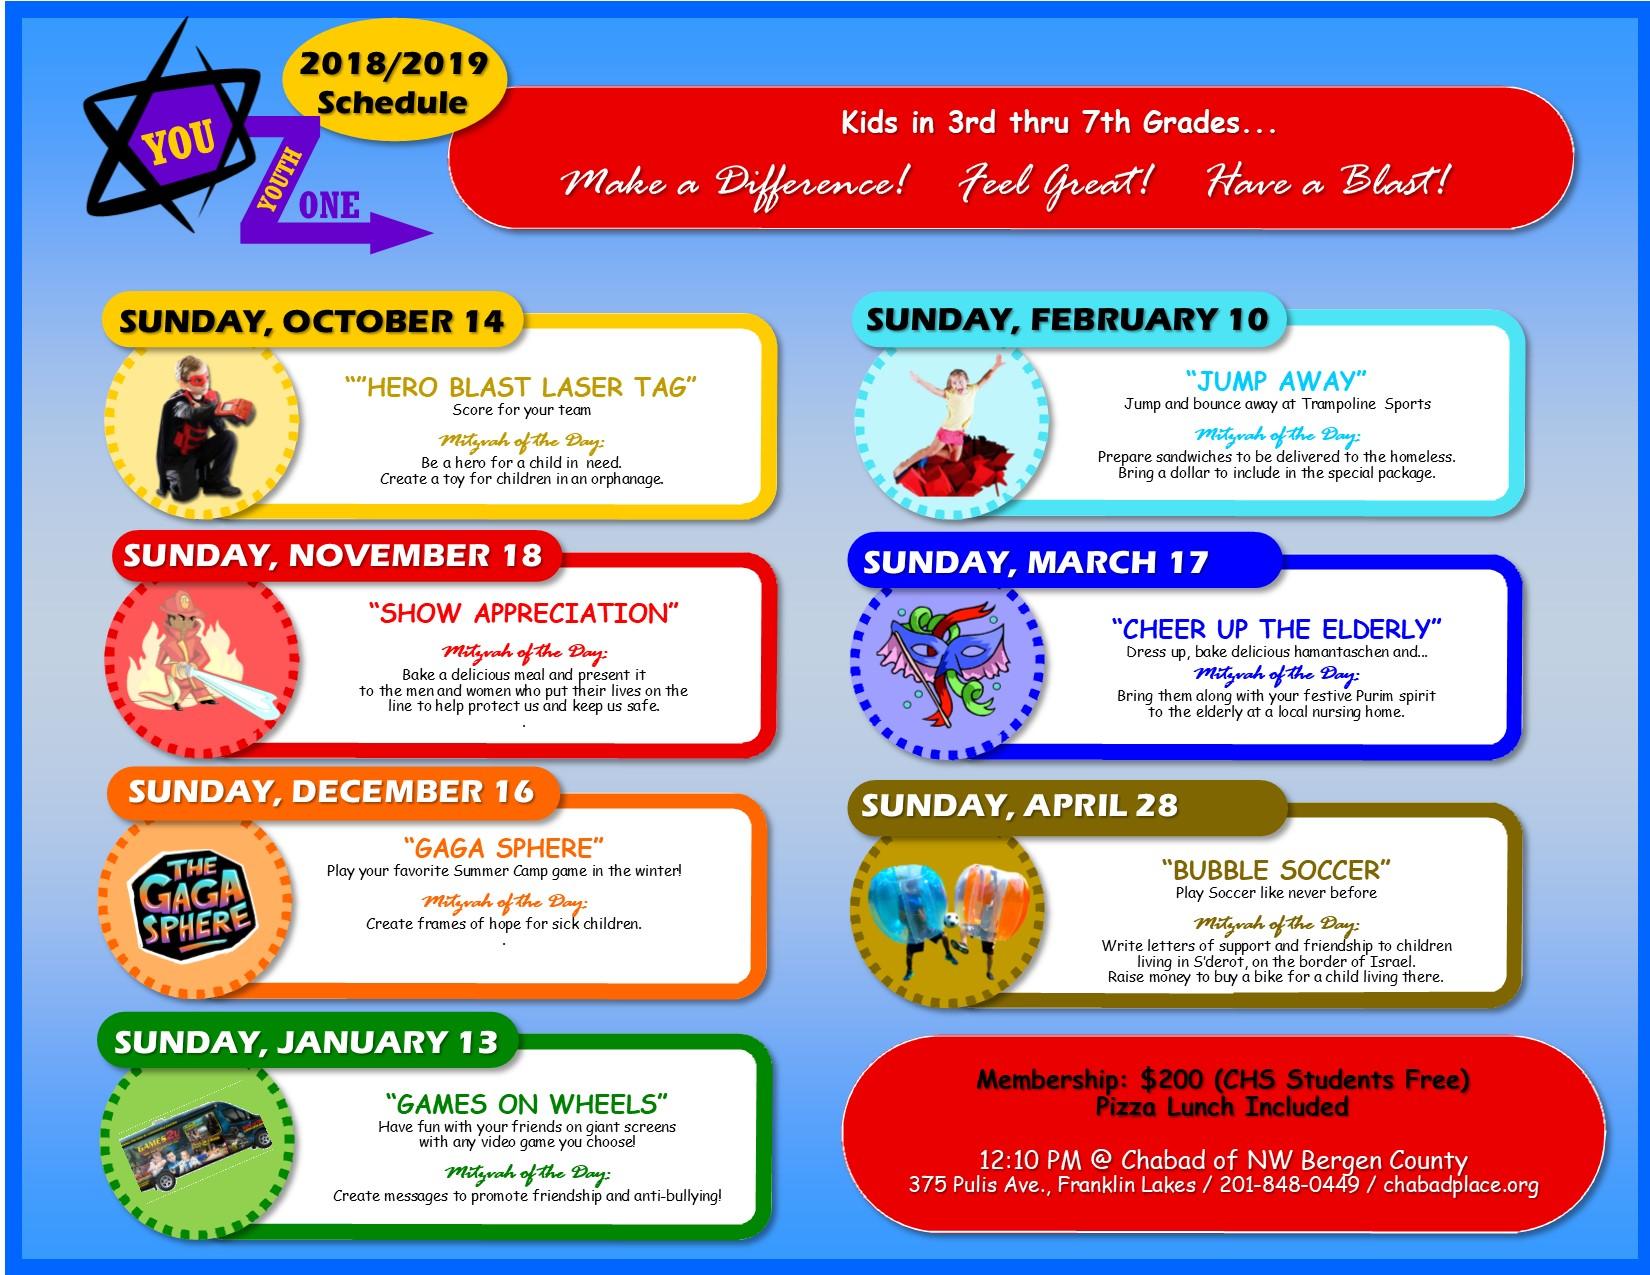 yz schedule 18-19 .jpg